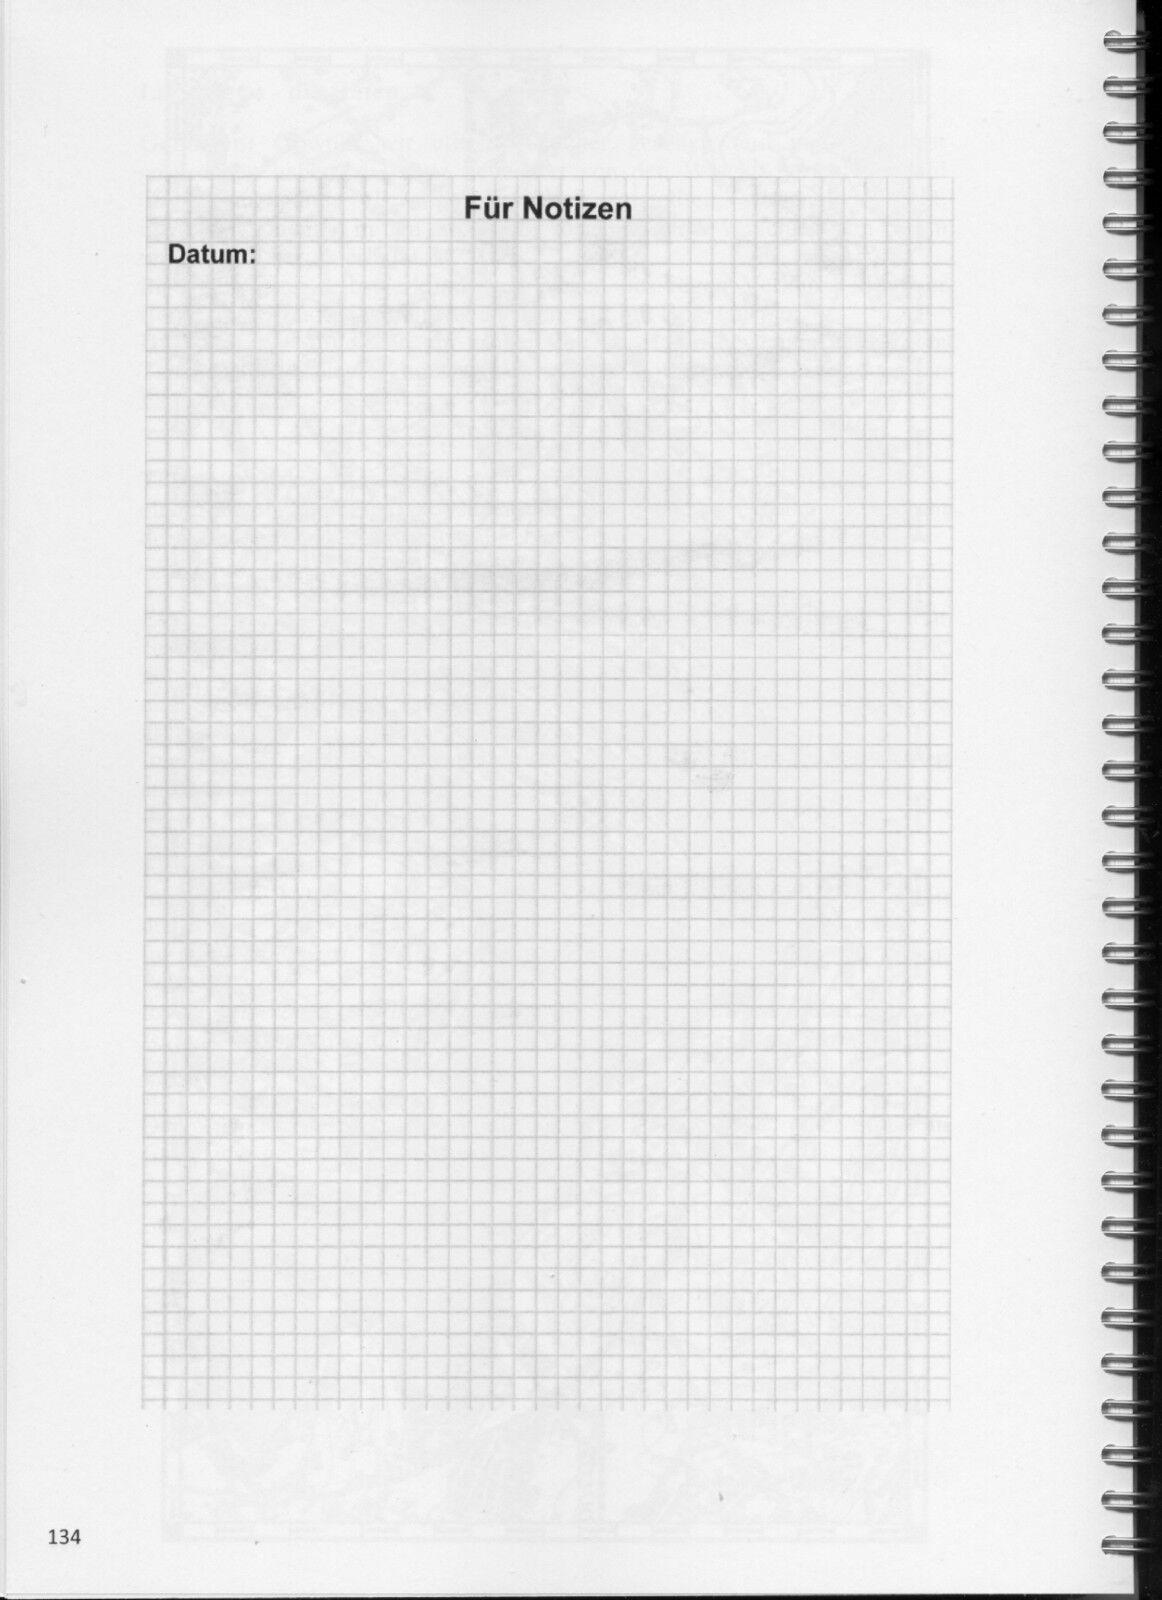 Atlas Taucher Schnorchler Urlauber Urlauber Urlauber Ausrüstung Karten 56ca34